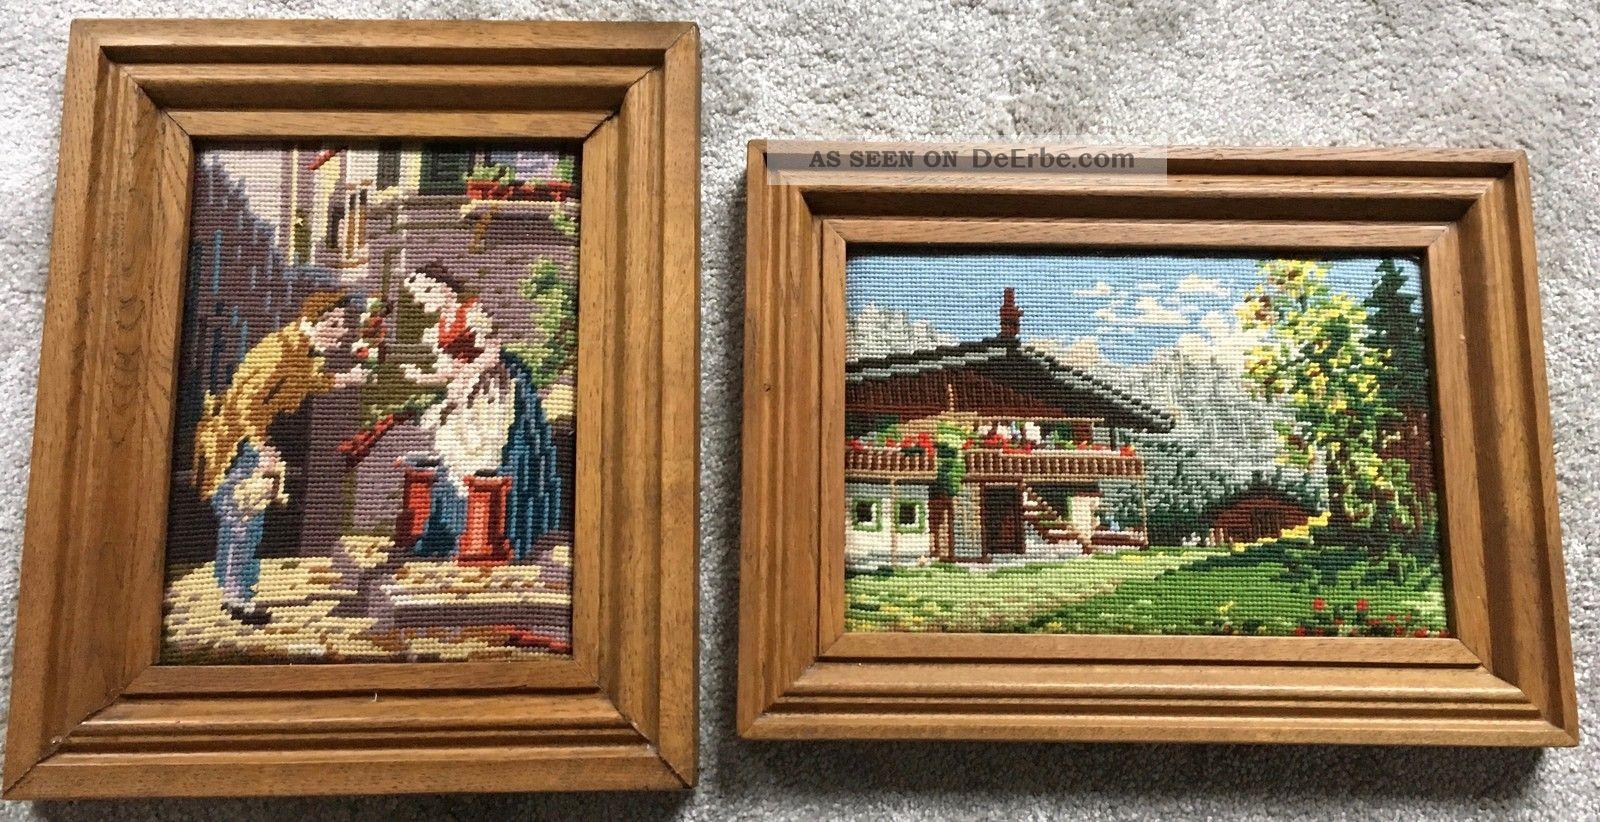 4 X Gobelin Bilder Gestickte Handarbeit Im Echtholzrahmen Teppiche & Flachgewebe Bild